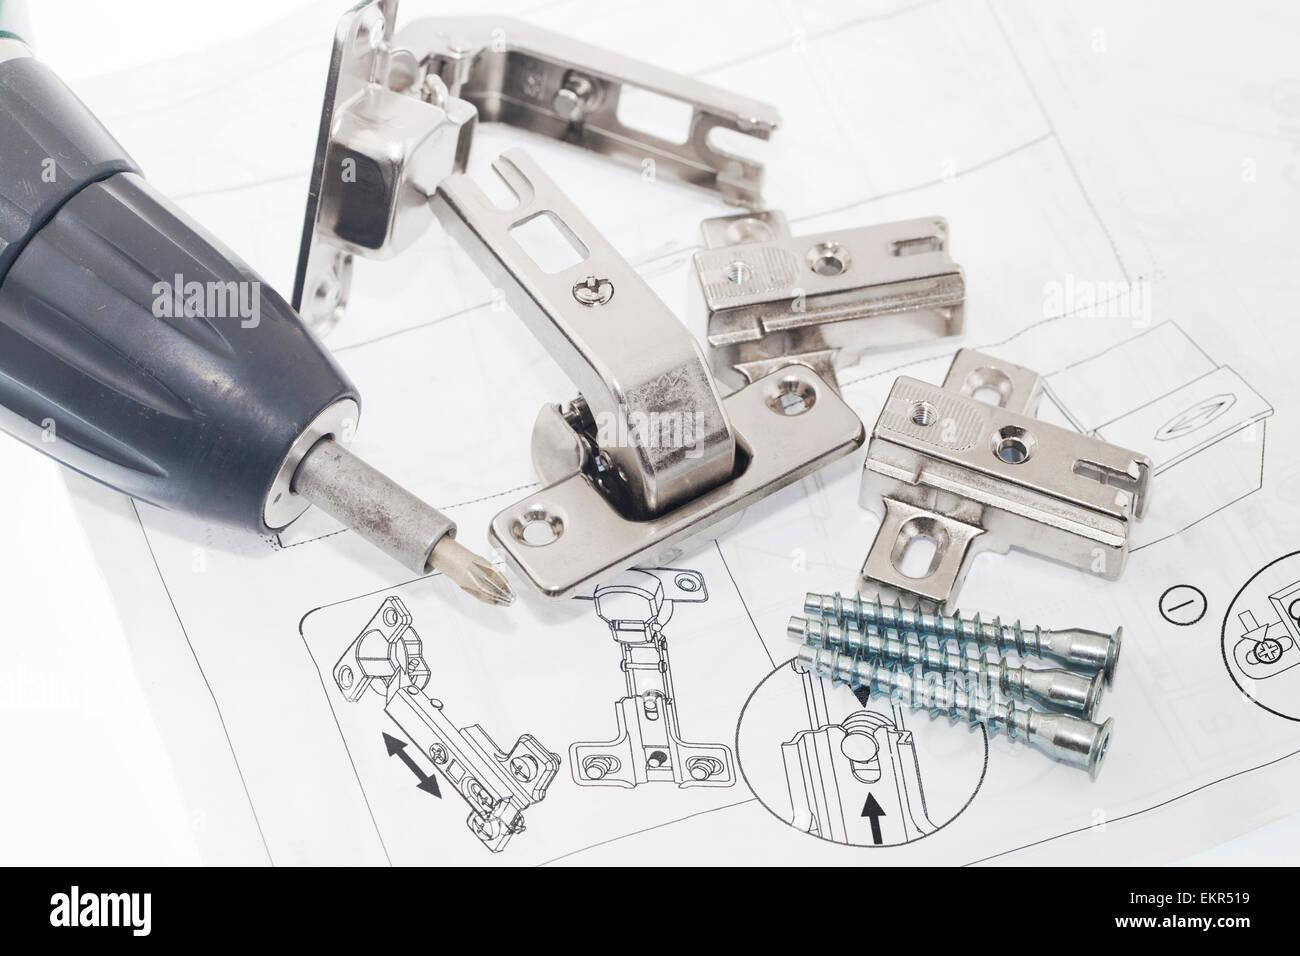 Concealed hinge mounting instruction - Stock Image